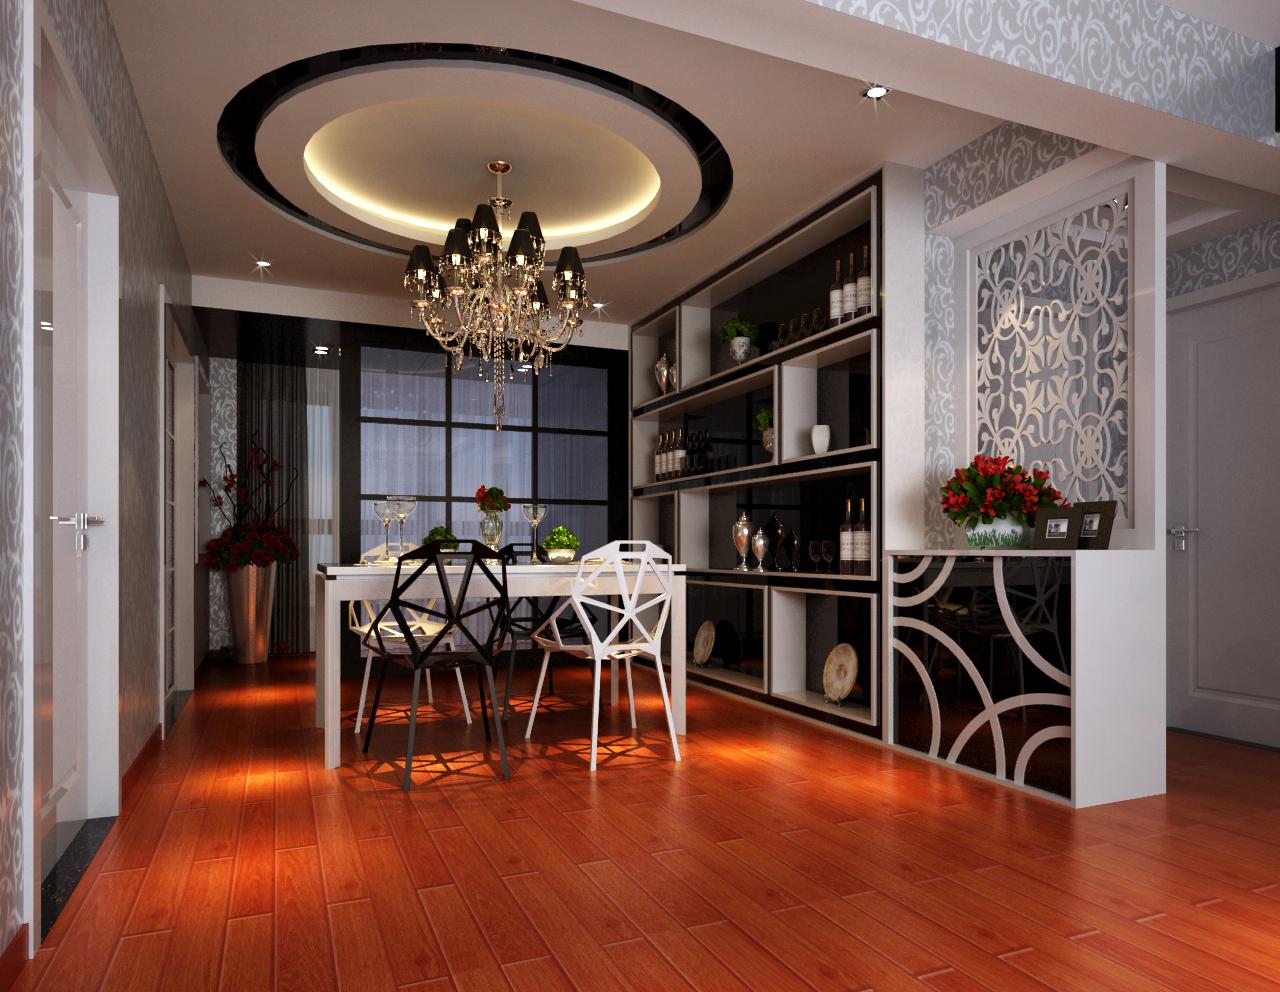 中央特区 两居 后现代风格 装修 餐厅图片来自张樂在中央特区 两居 后现代风格装修的分享